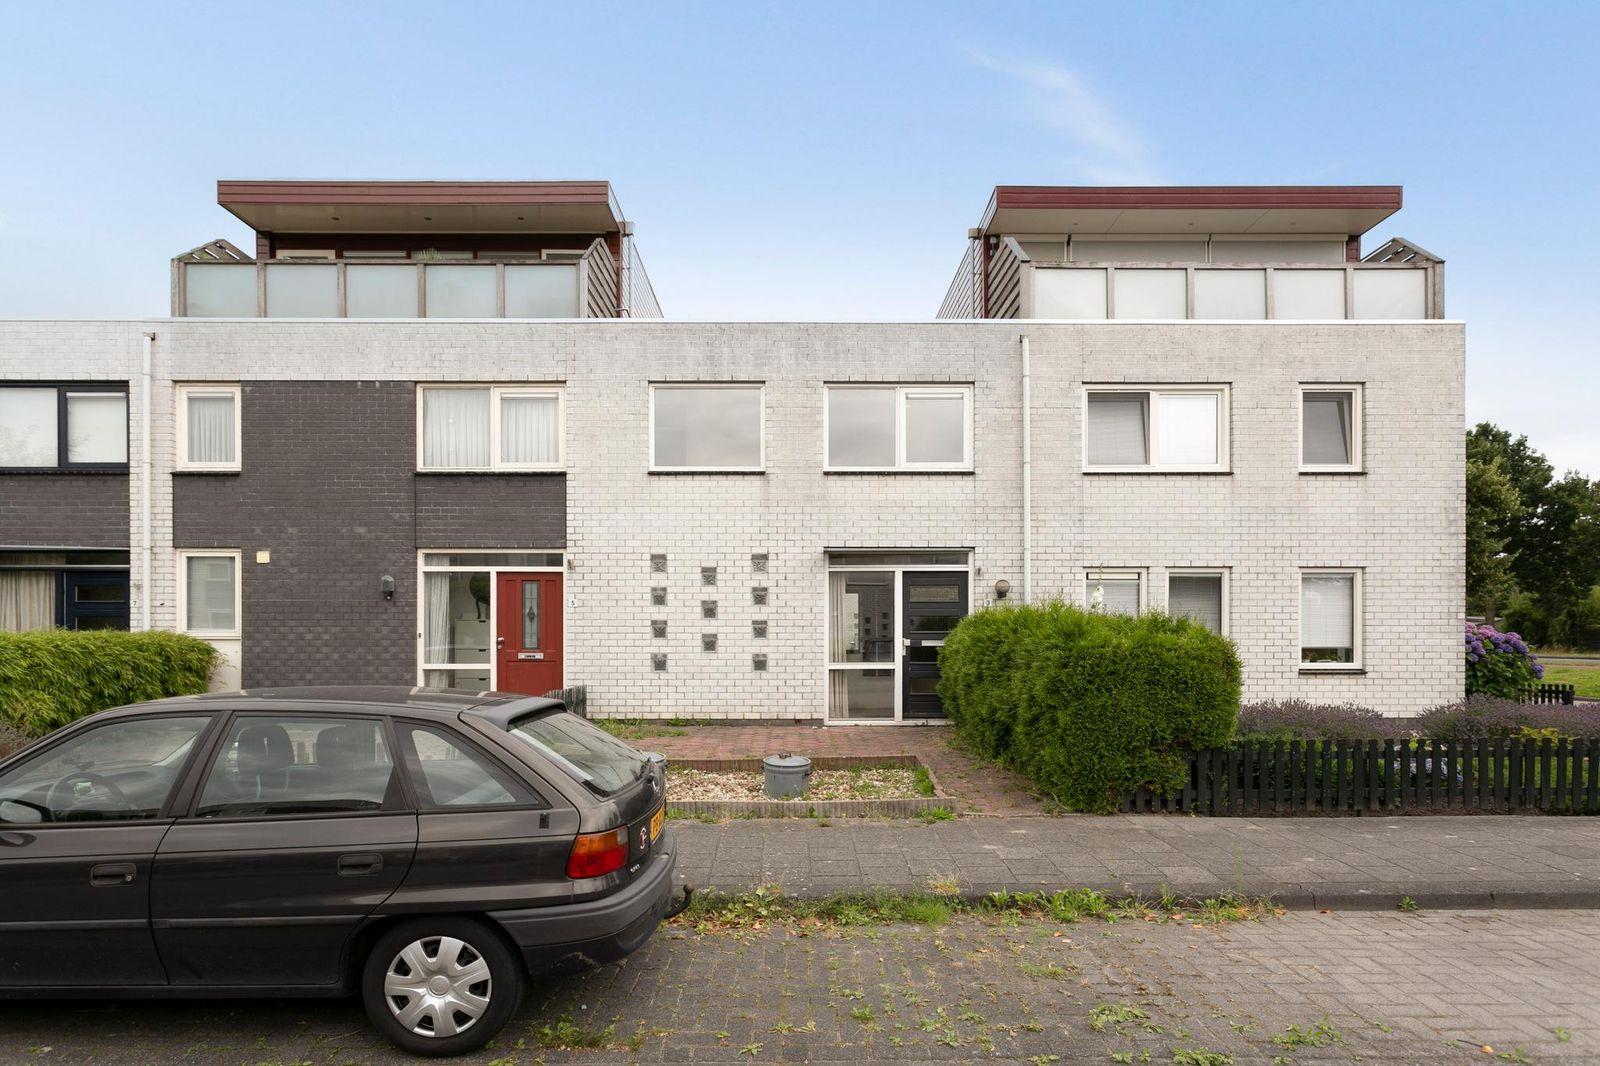 George Martensstraat 3, Groningen